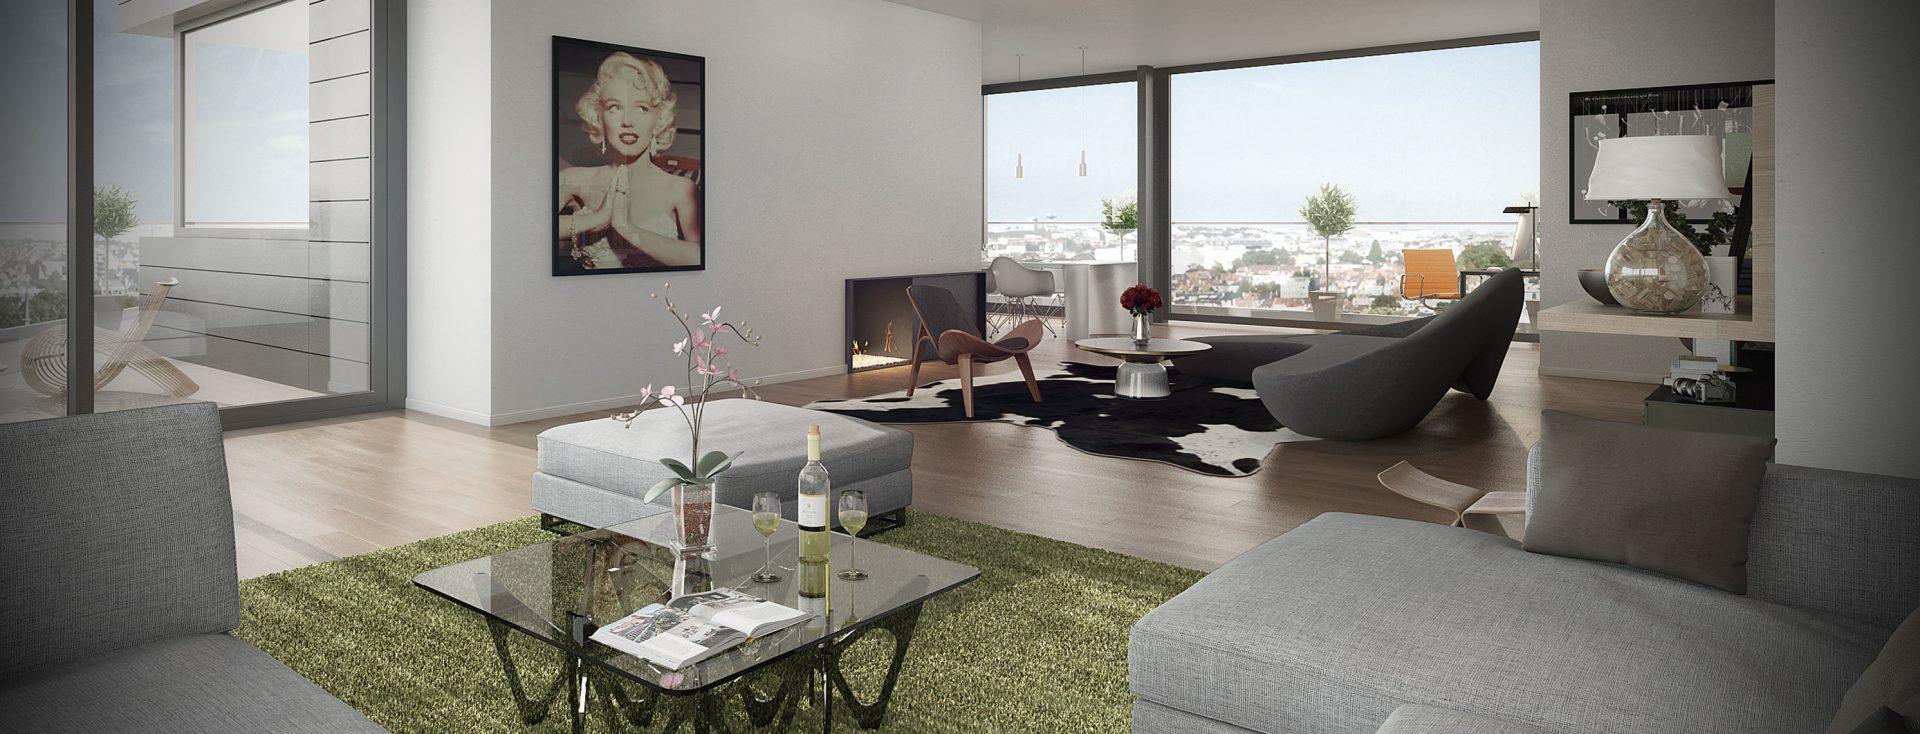 Louise 430, appartement de prestige, architecte Marc Corbiau